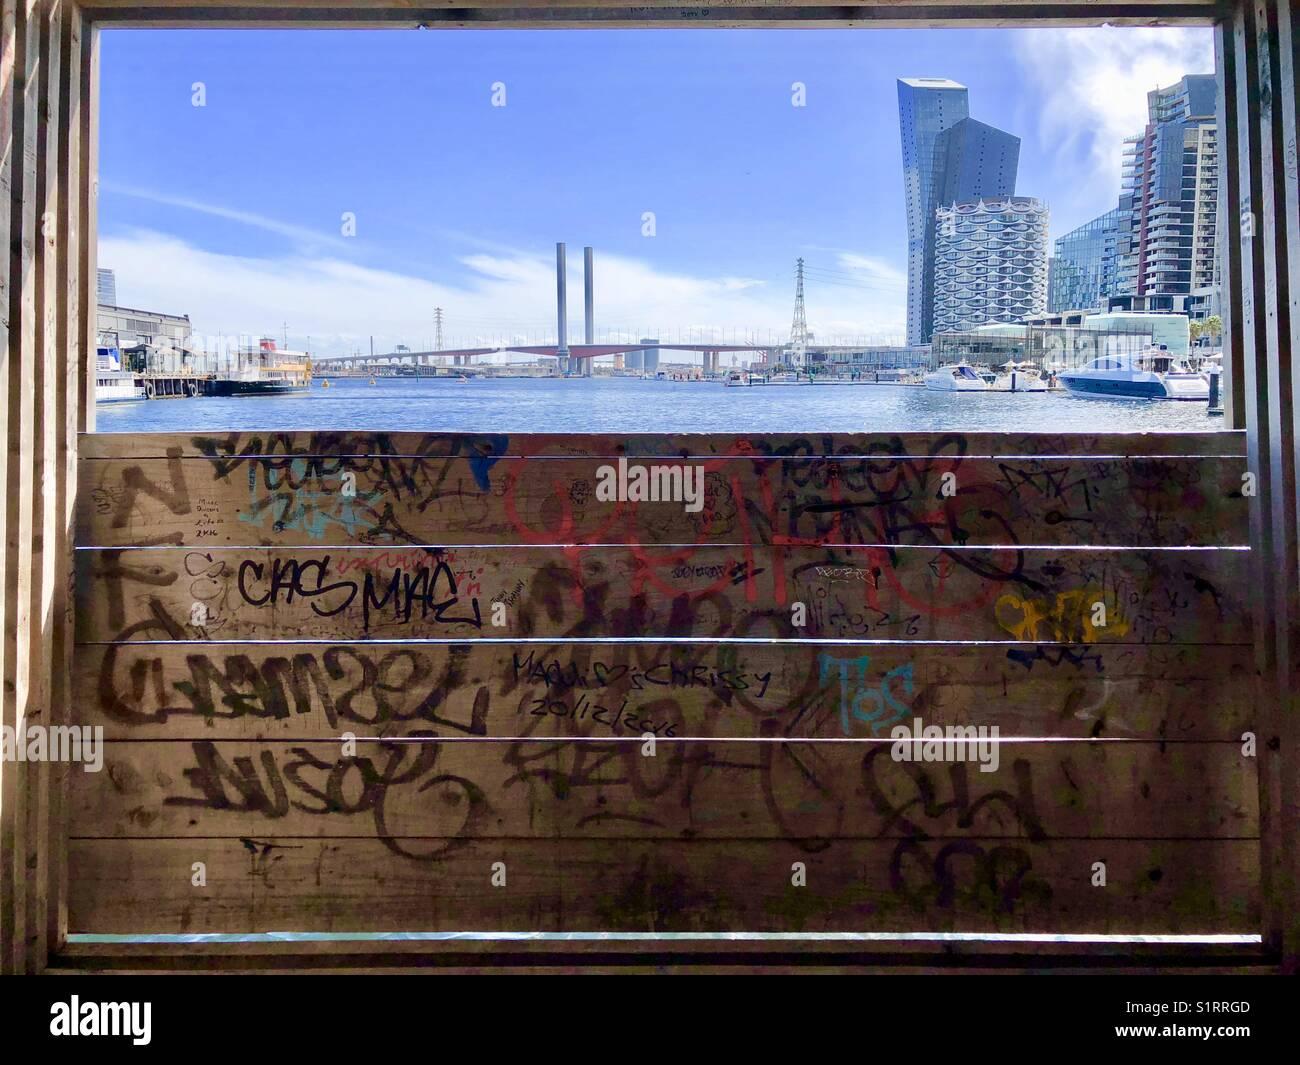 Docklands, Melbourne - Stock Image